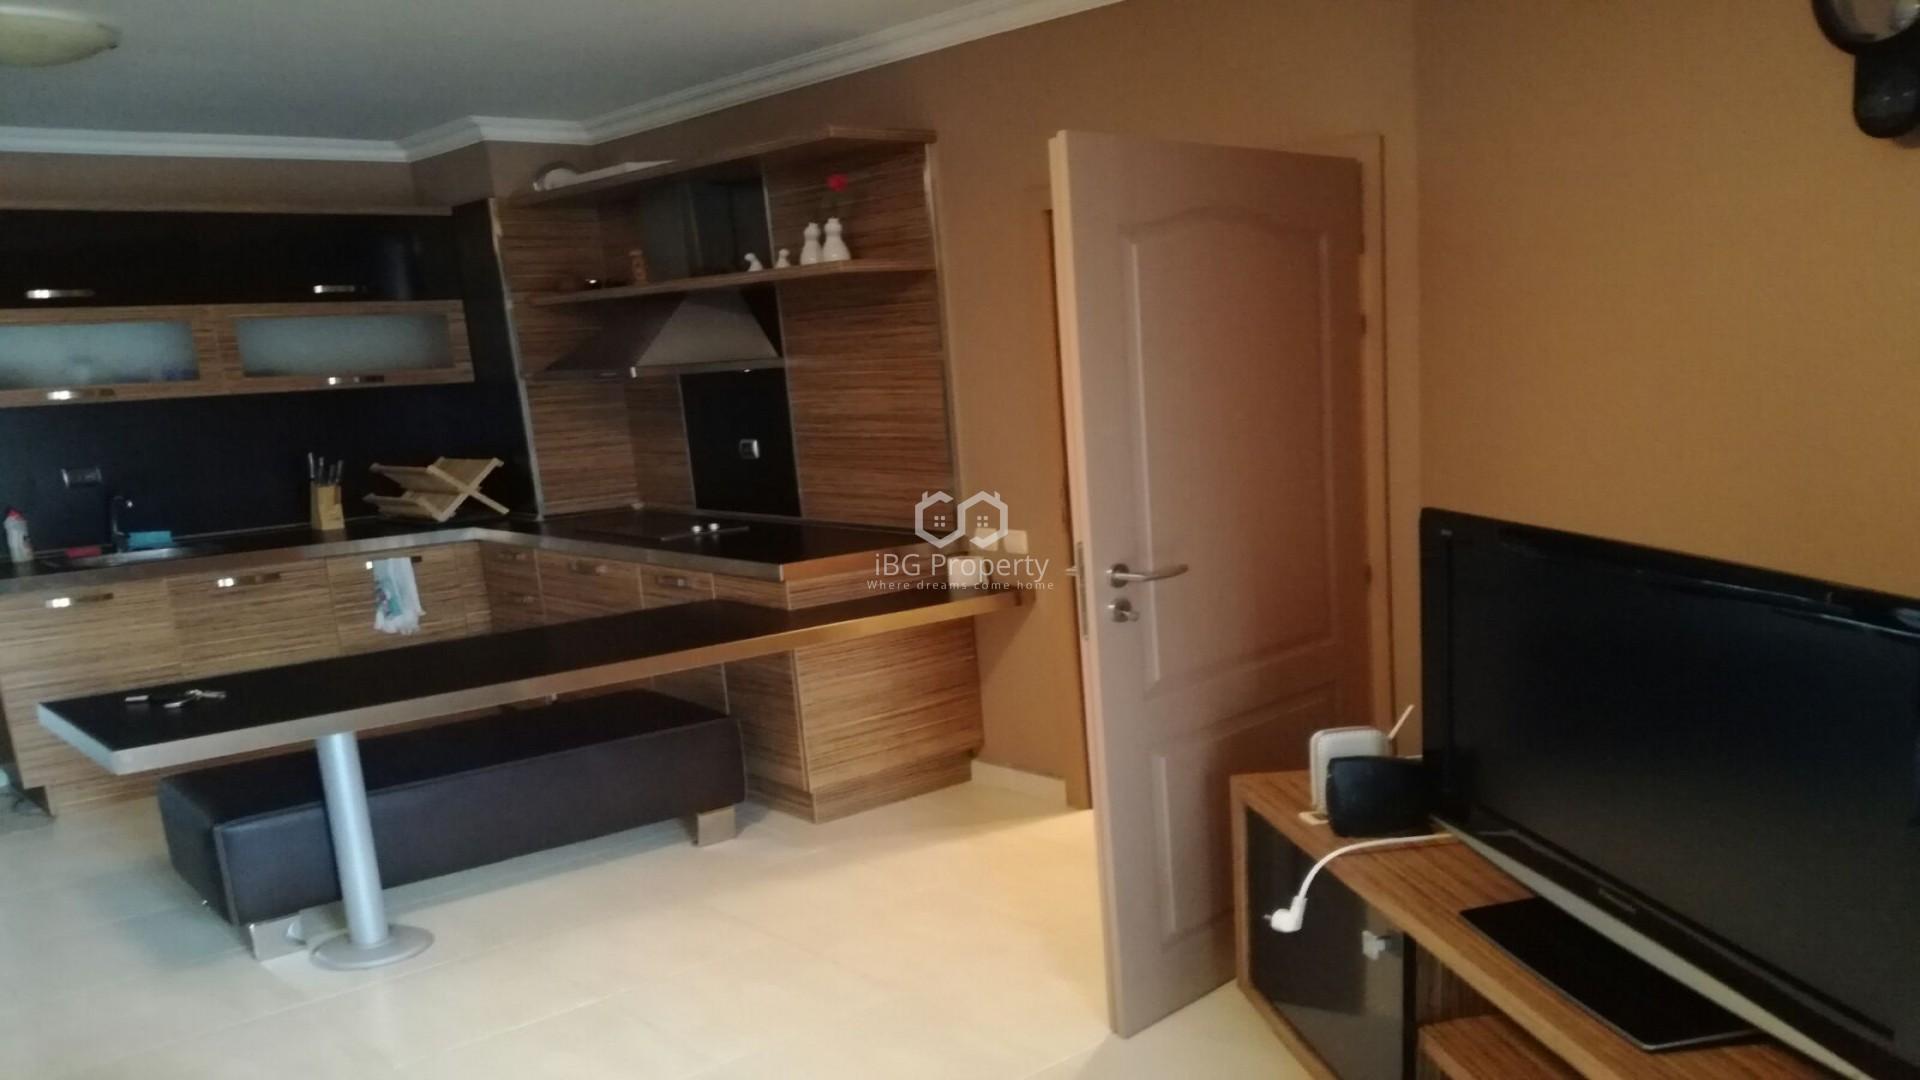 Dreizimmerwohnung in Nesebar 78 m2